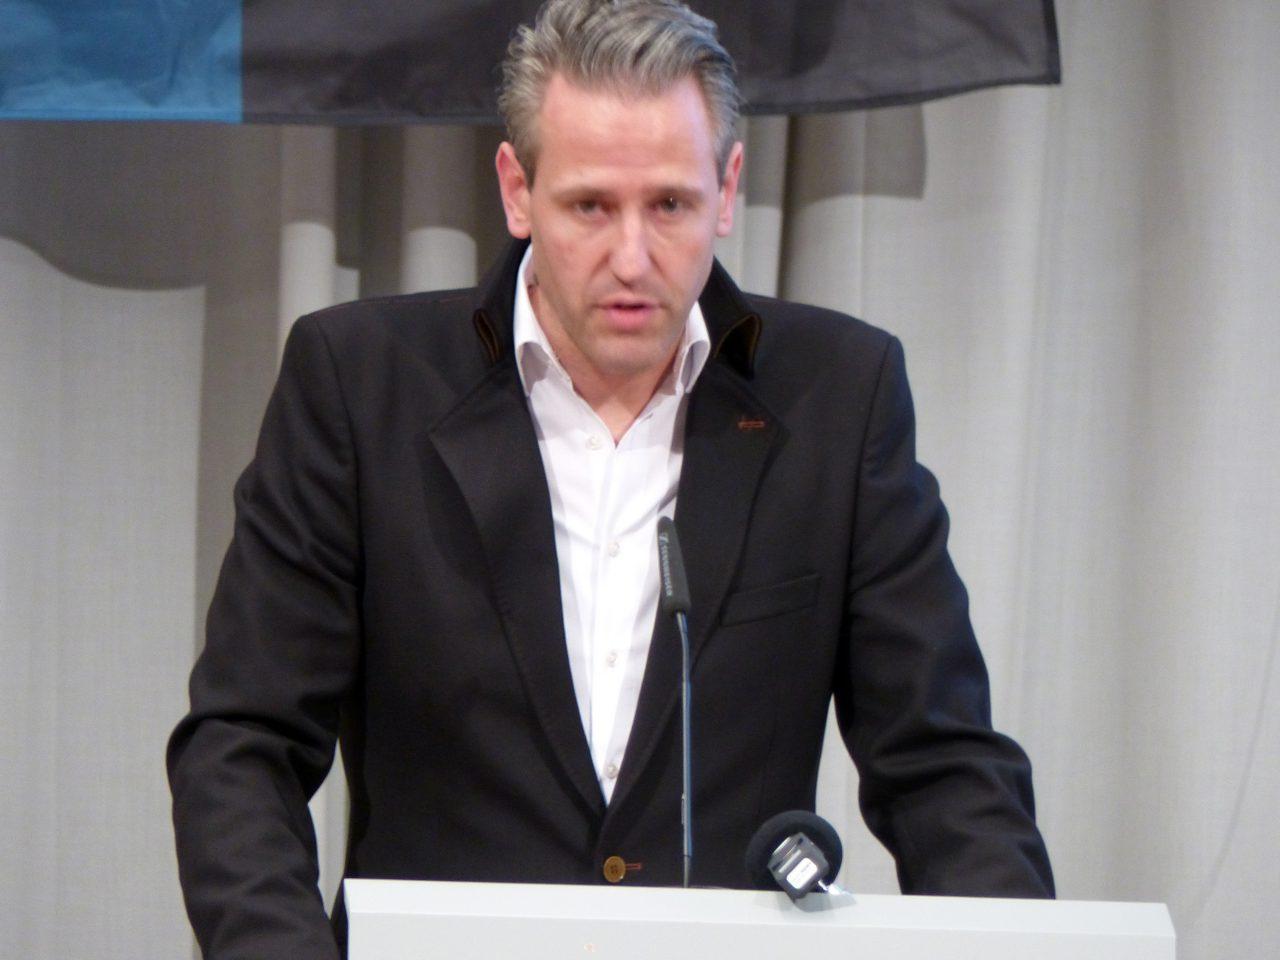 Michael Haubrich verwies auf seine Kompetenz in Sachen Stadionvermarktung und wurde direkt gewählt.